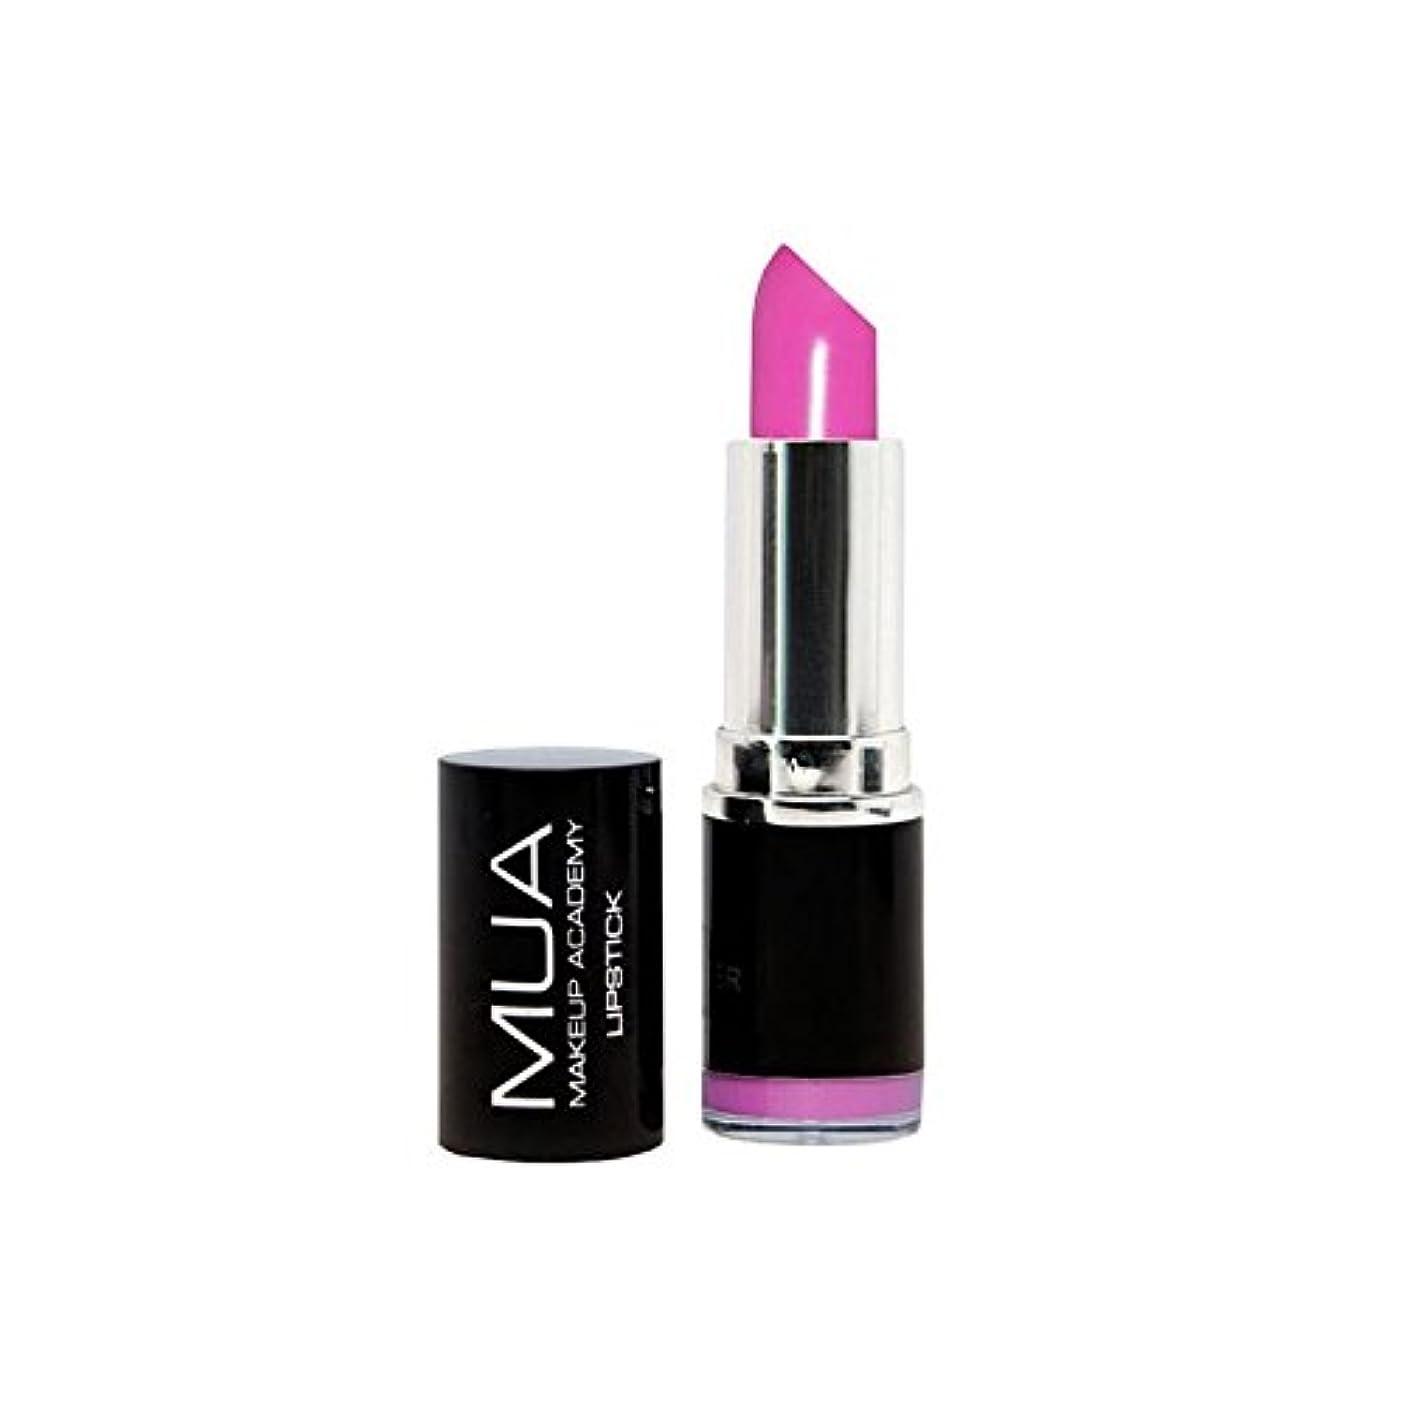 猫背ジェームズダイソン配置の口紅 - ペルシャローズ x2 - MUA Lipstick - Persian Rose (Pack of 2) [並行輸入品]